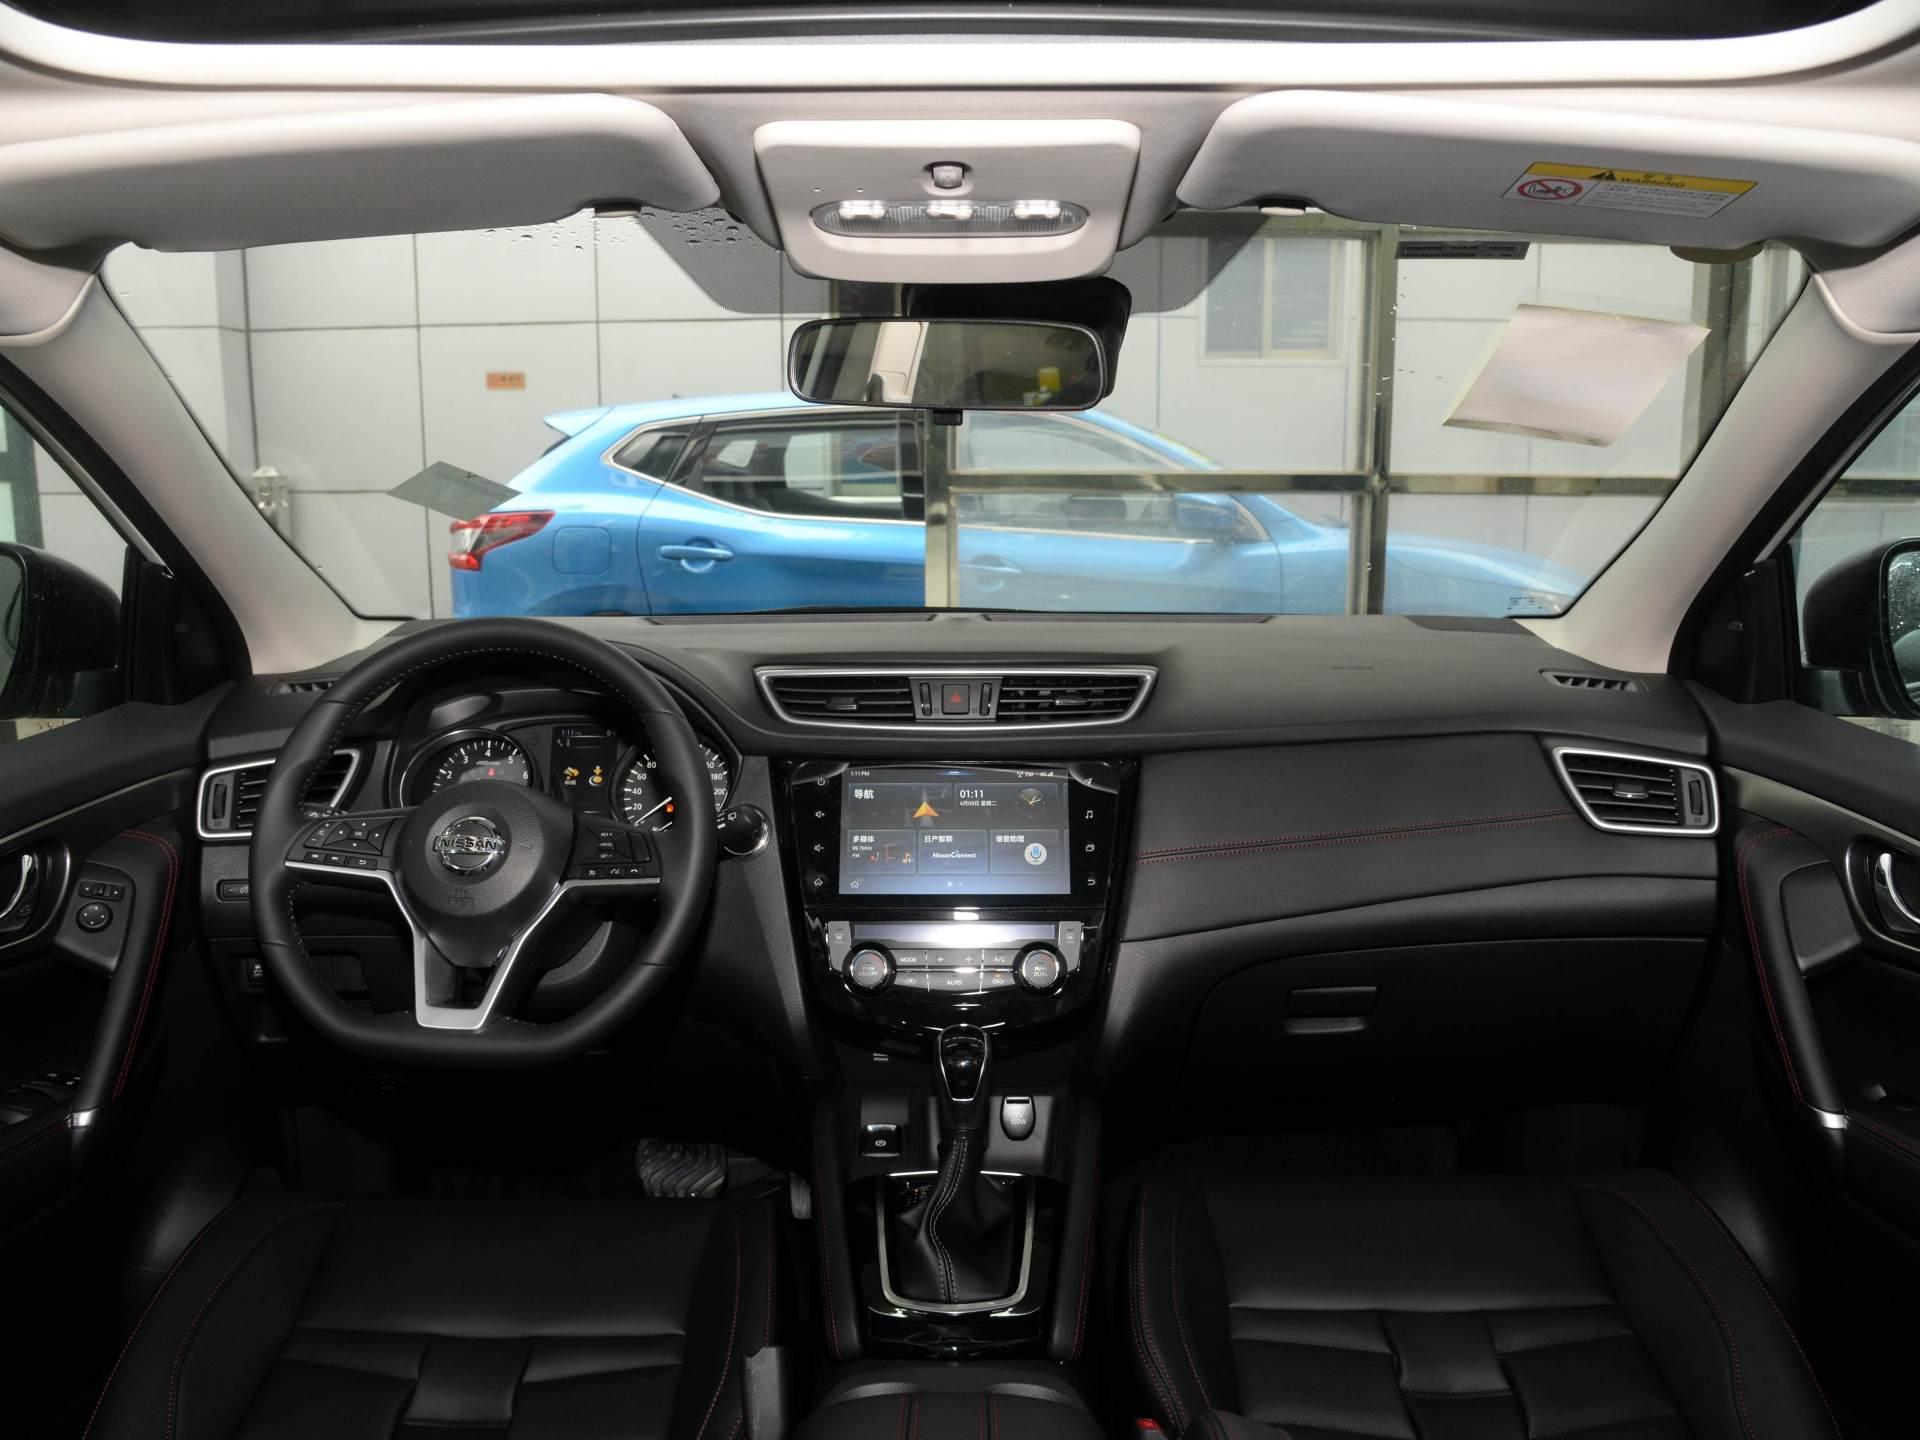 XRV算個啥!日產這臺SUV銷量高油耗低,2.0L+CVT價格16萬-圖3